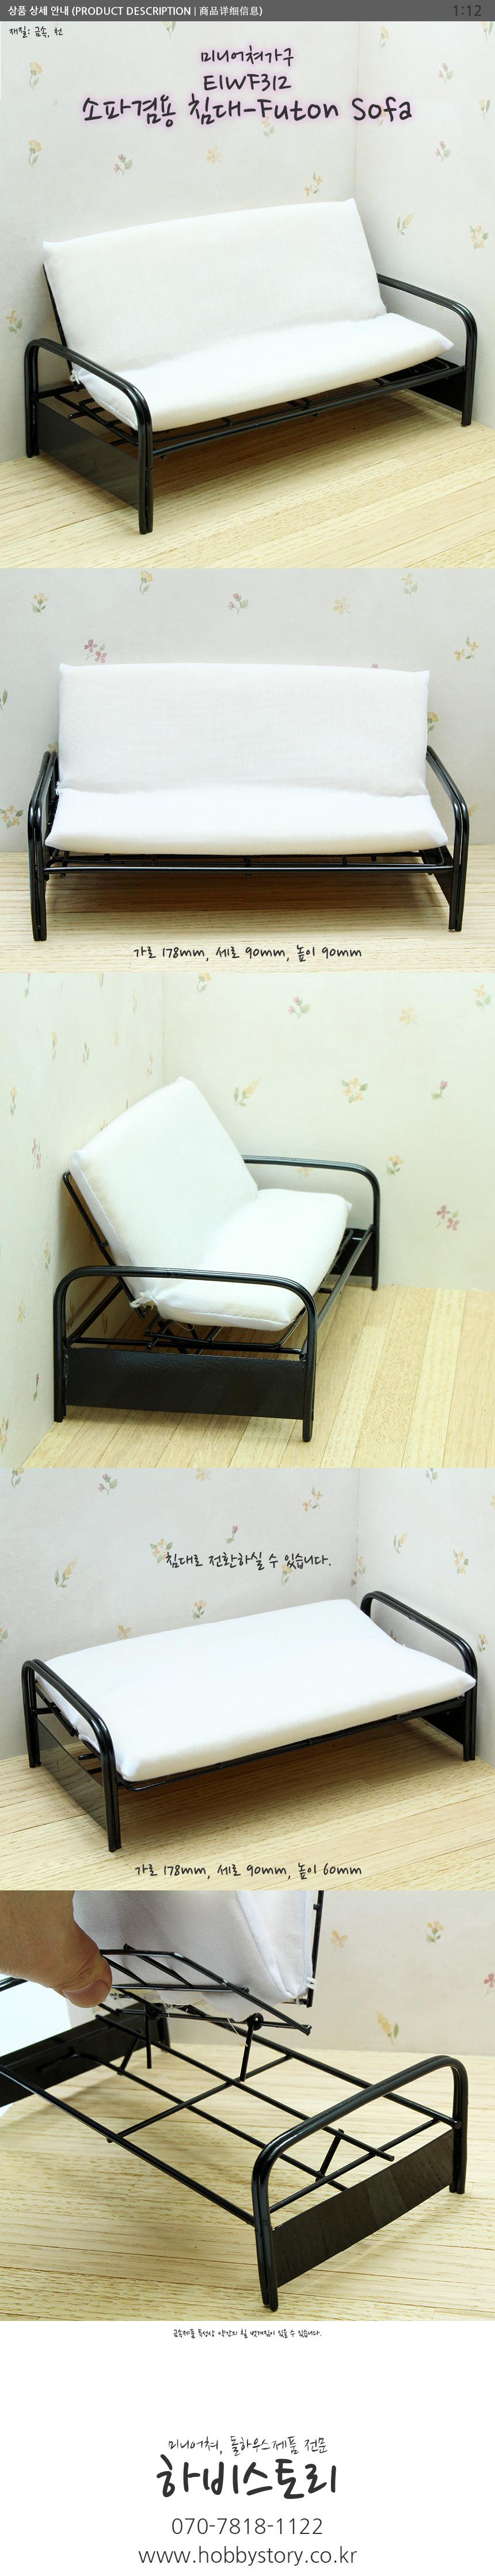 미니어쳐가구/EIWF312 소파겸용 침대-Futon Sofa